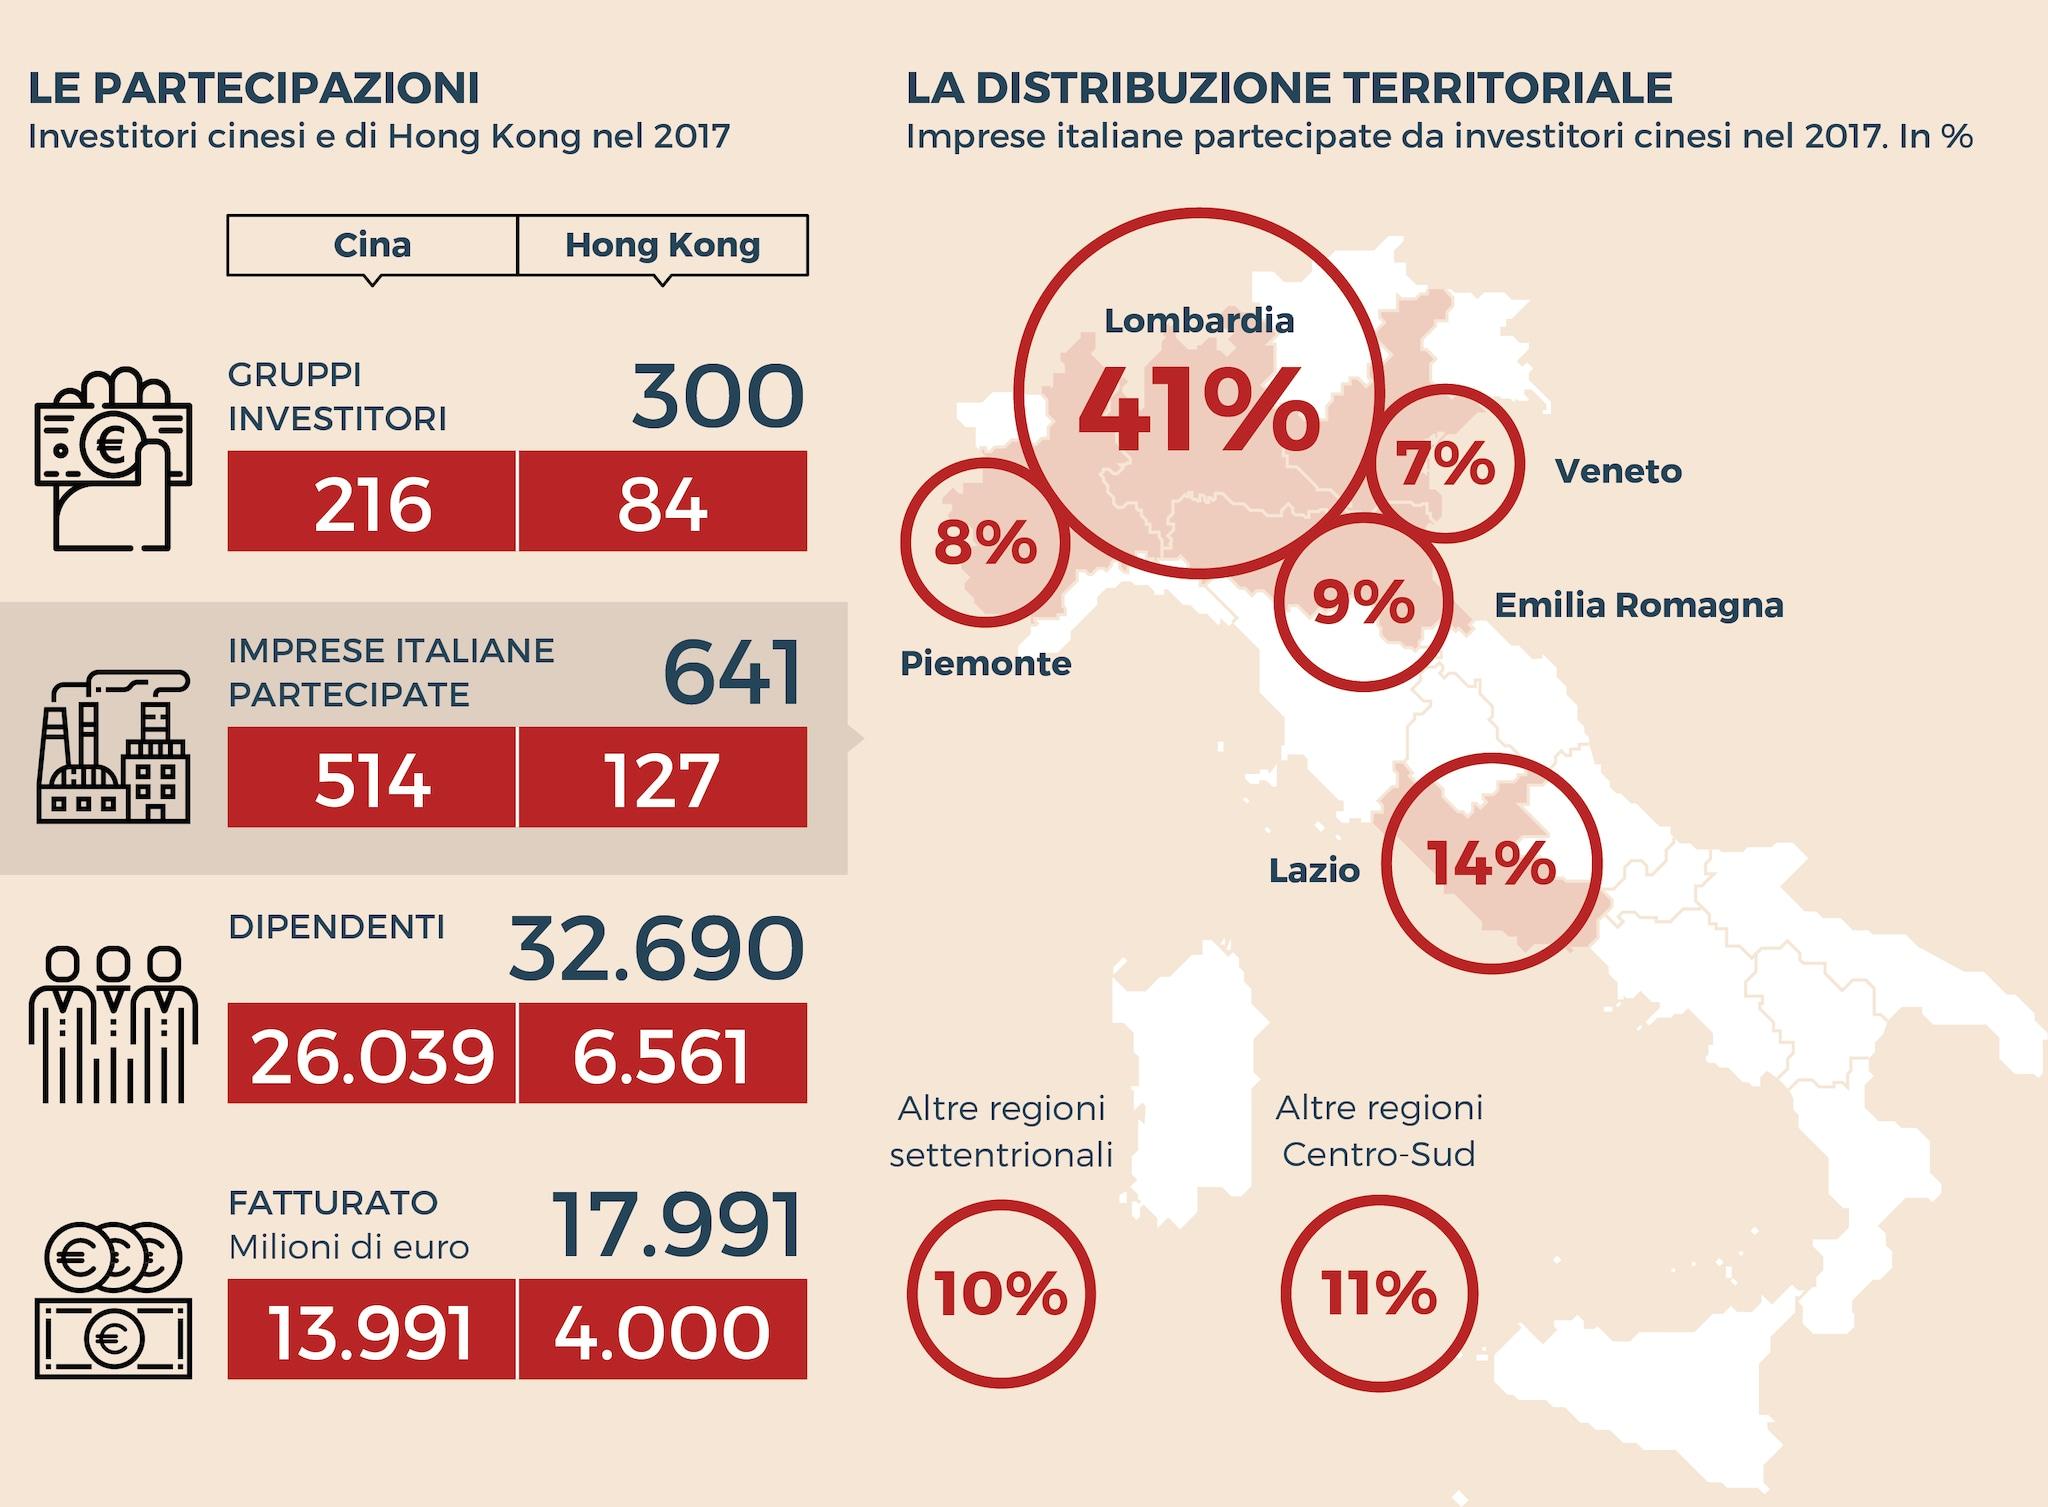 GLI INVESTIMENTI CINESI IN ITALIA